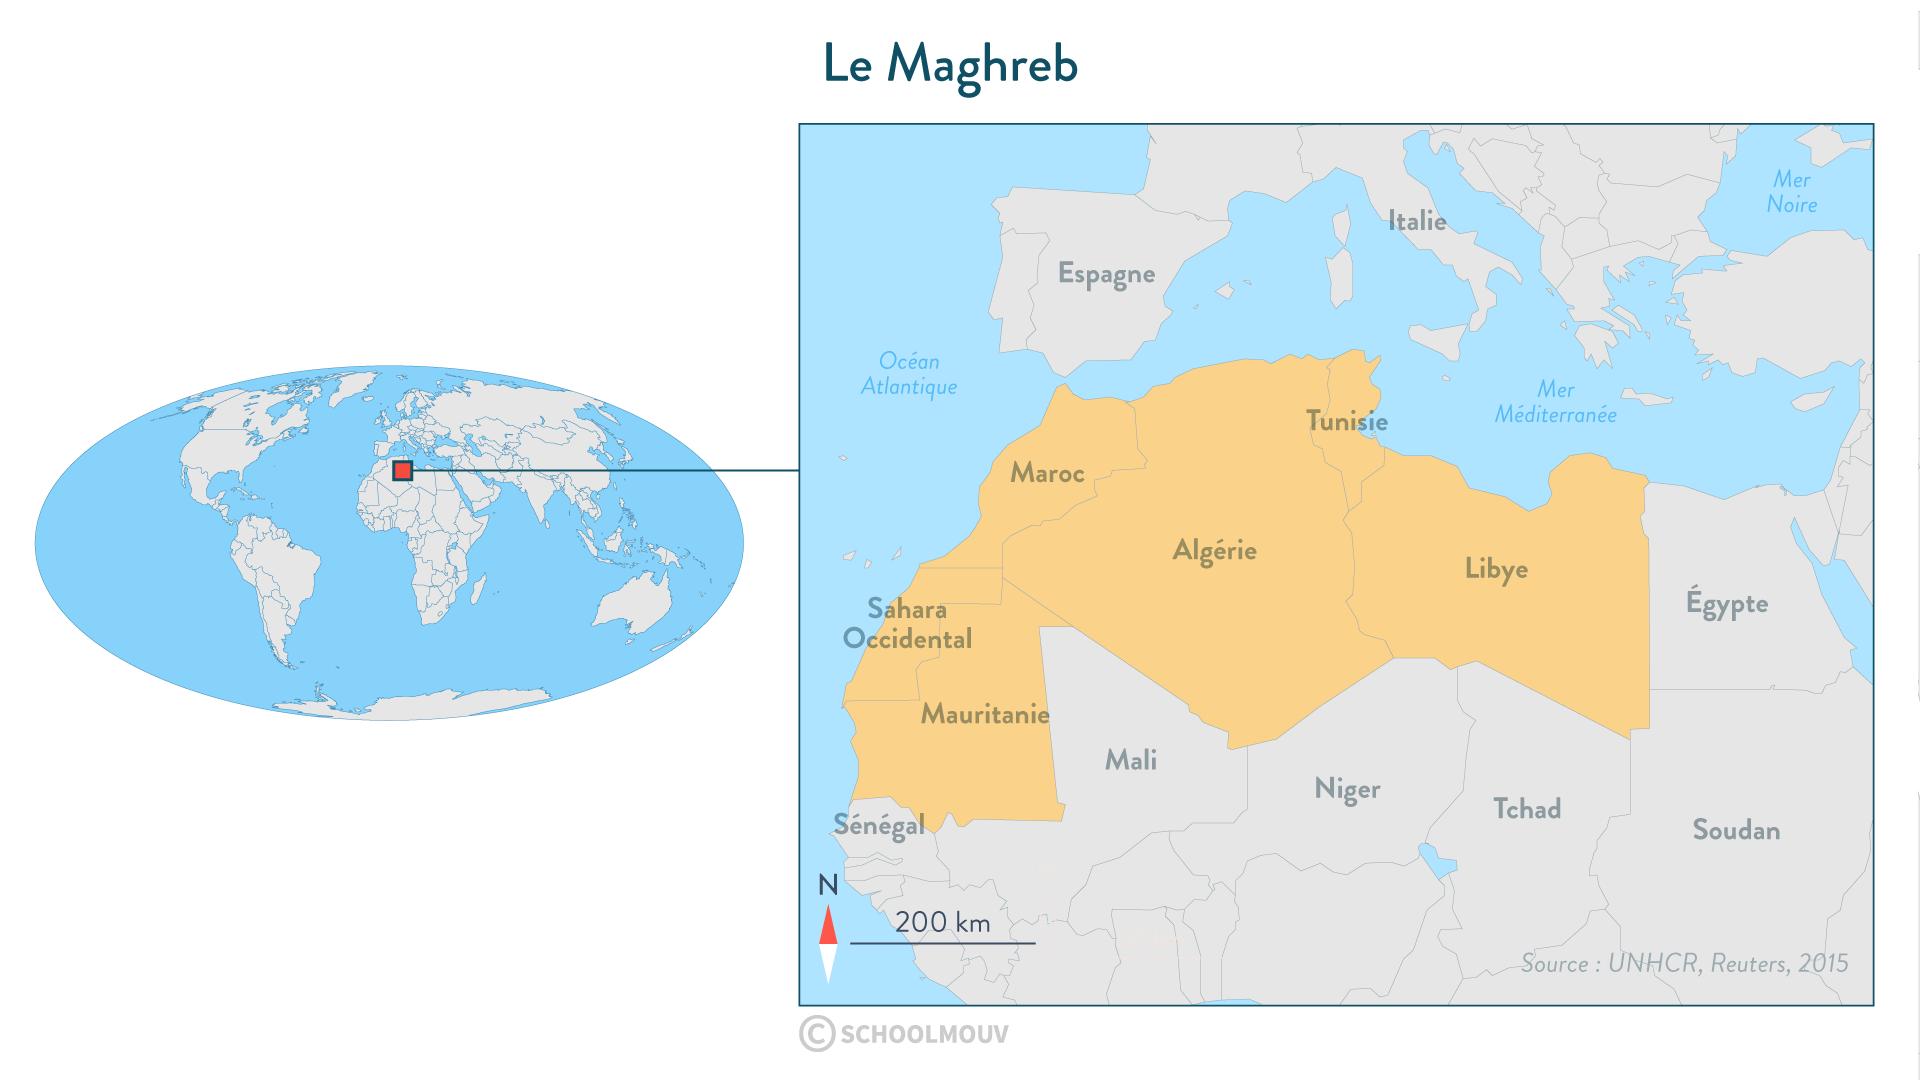 Les Maghreb-Géographie-Seconde-SchoolMouv